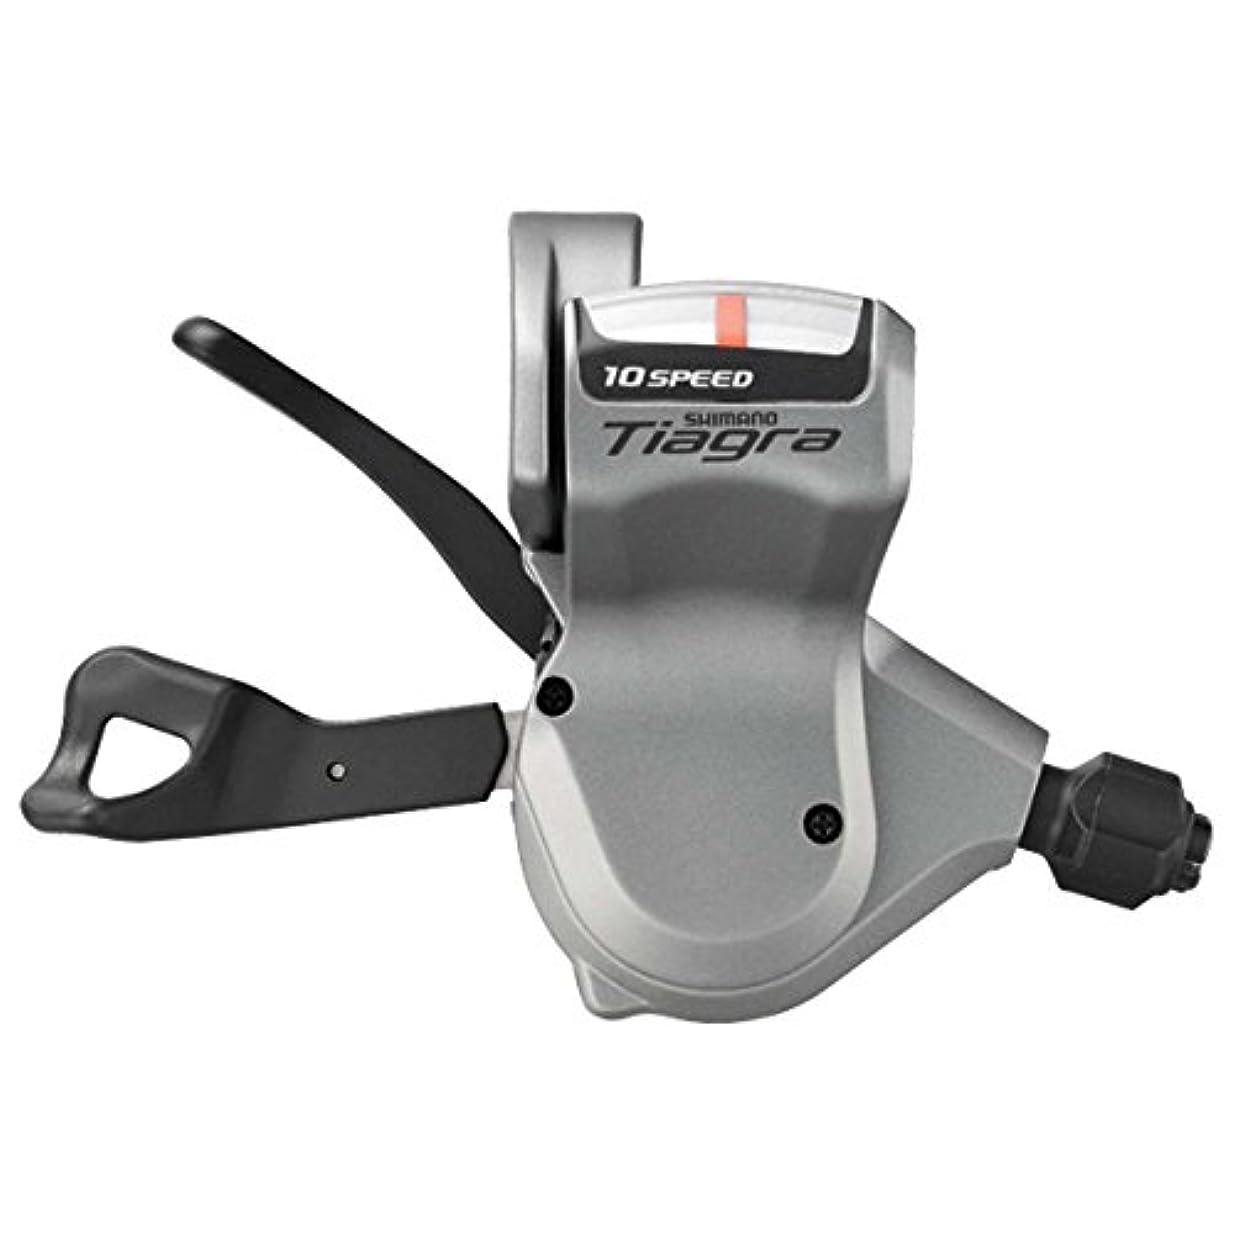 データブロー香ばしいShimano Tiagra 10-speedフラットバーロード自転車シフトレバー – sl-4600